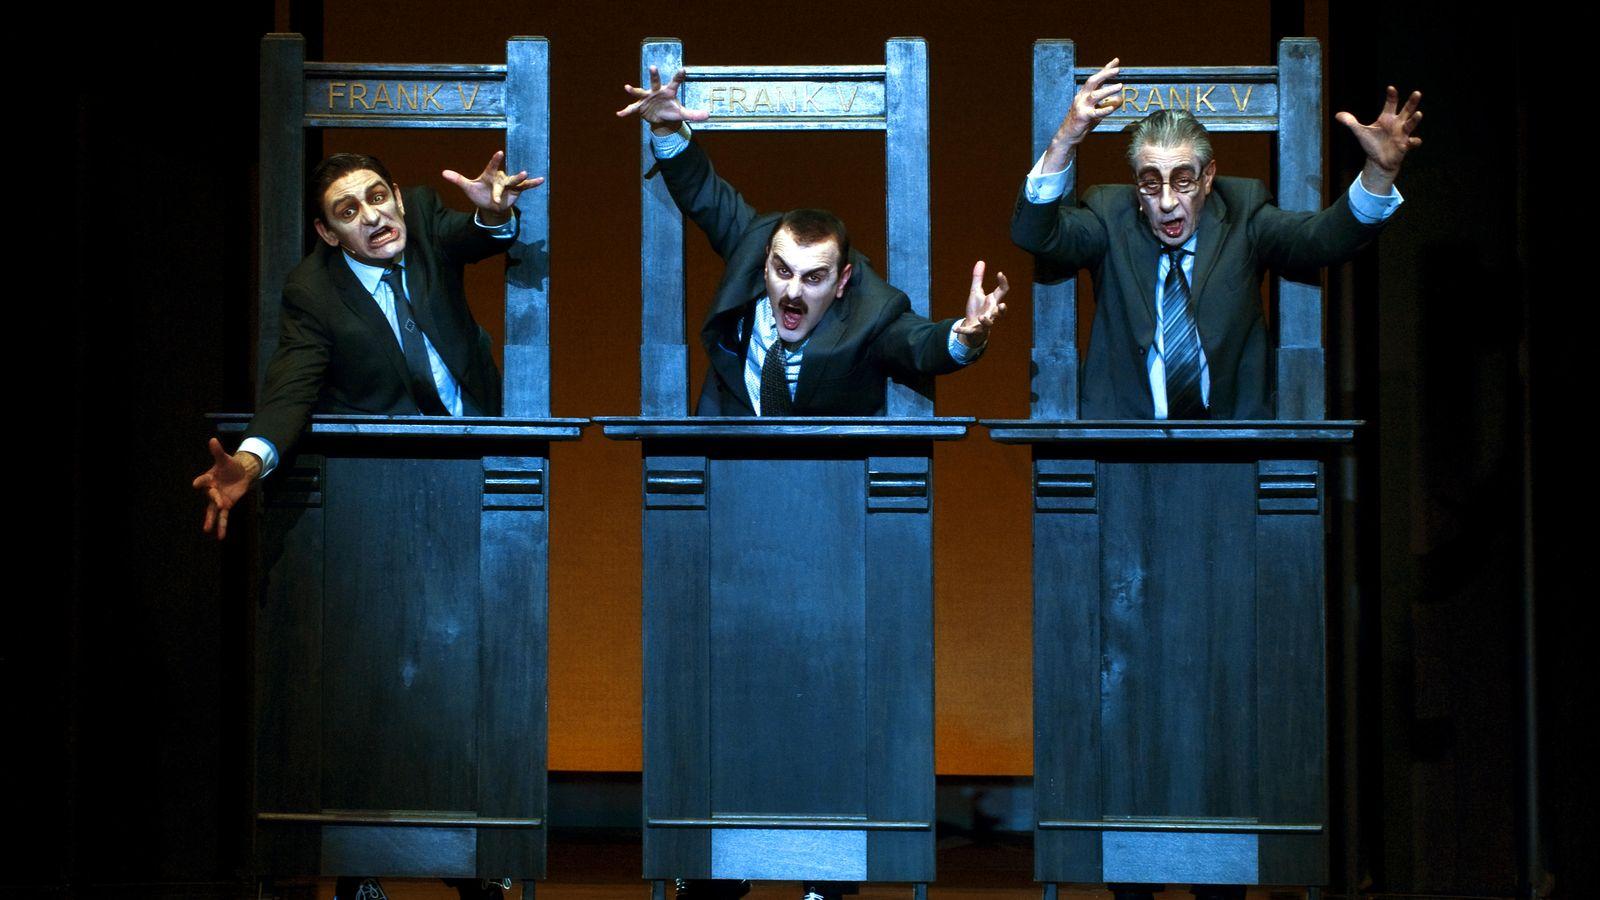 Foto: 'Frank V (Opereta d'una banca privada)' se estrena el 16 de abril en el Lliure (Ros Ribas)